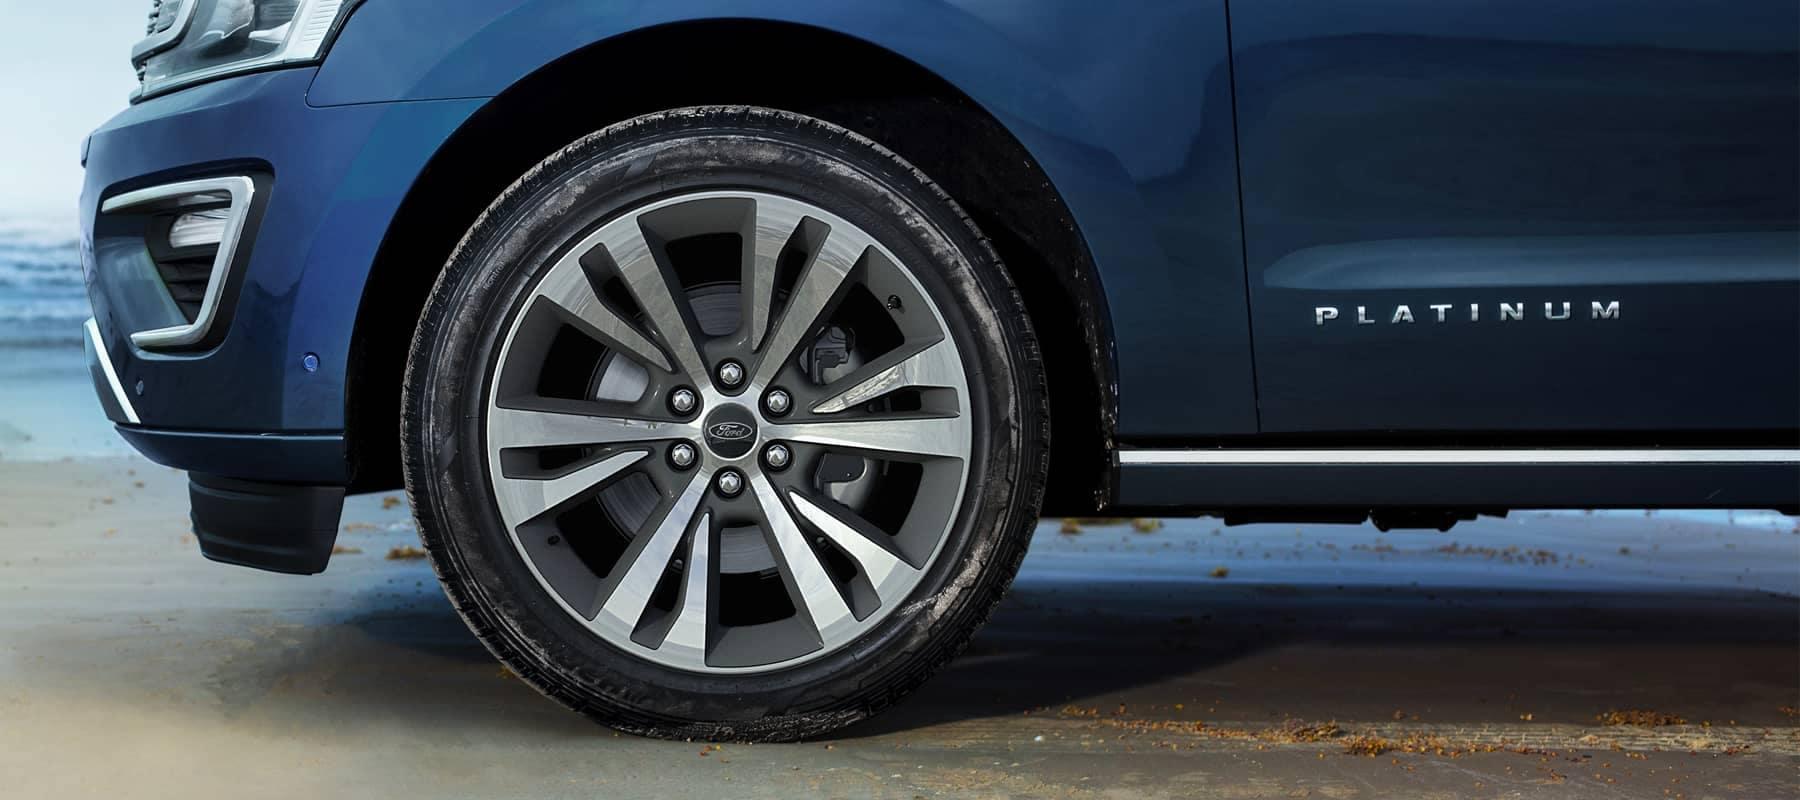 2020 Expedition Platinum Tire